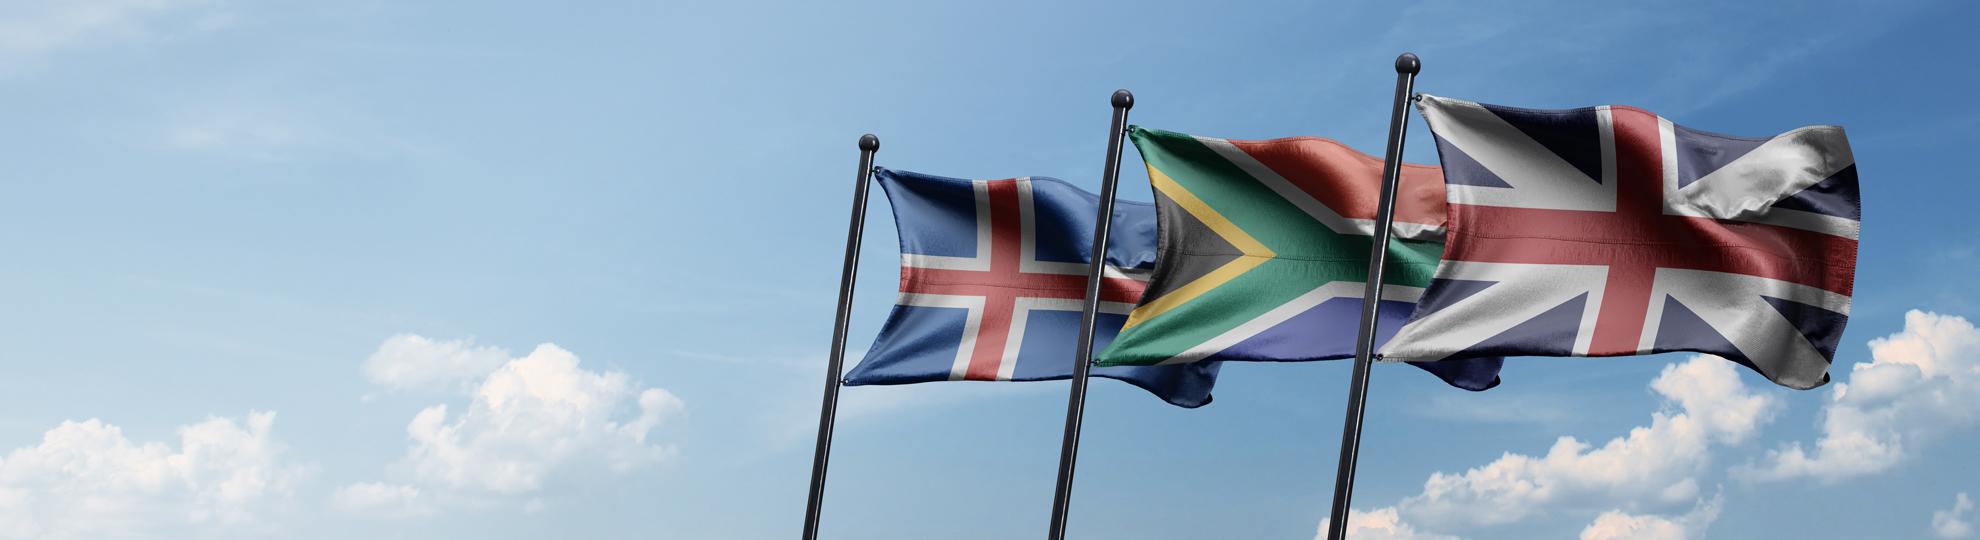 Imprimer drapeau pays pour événement